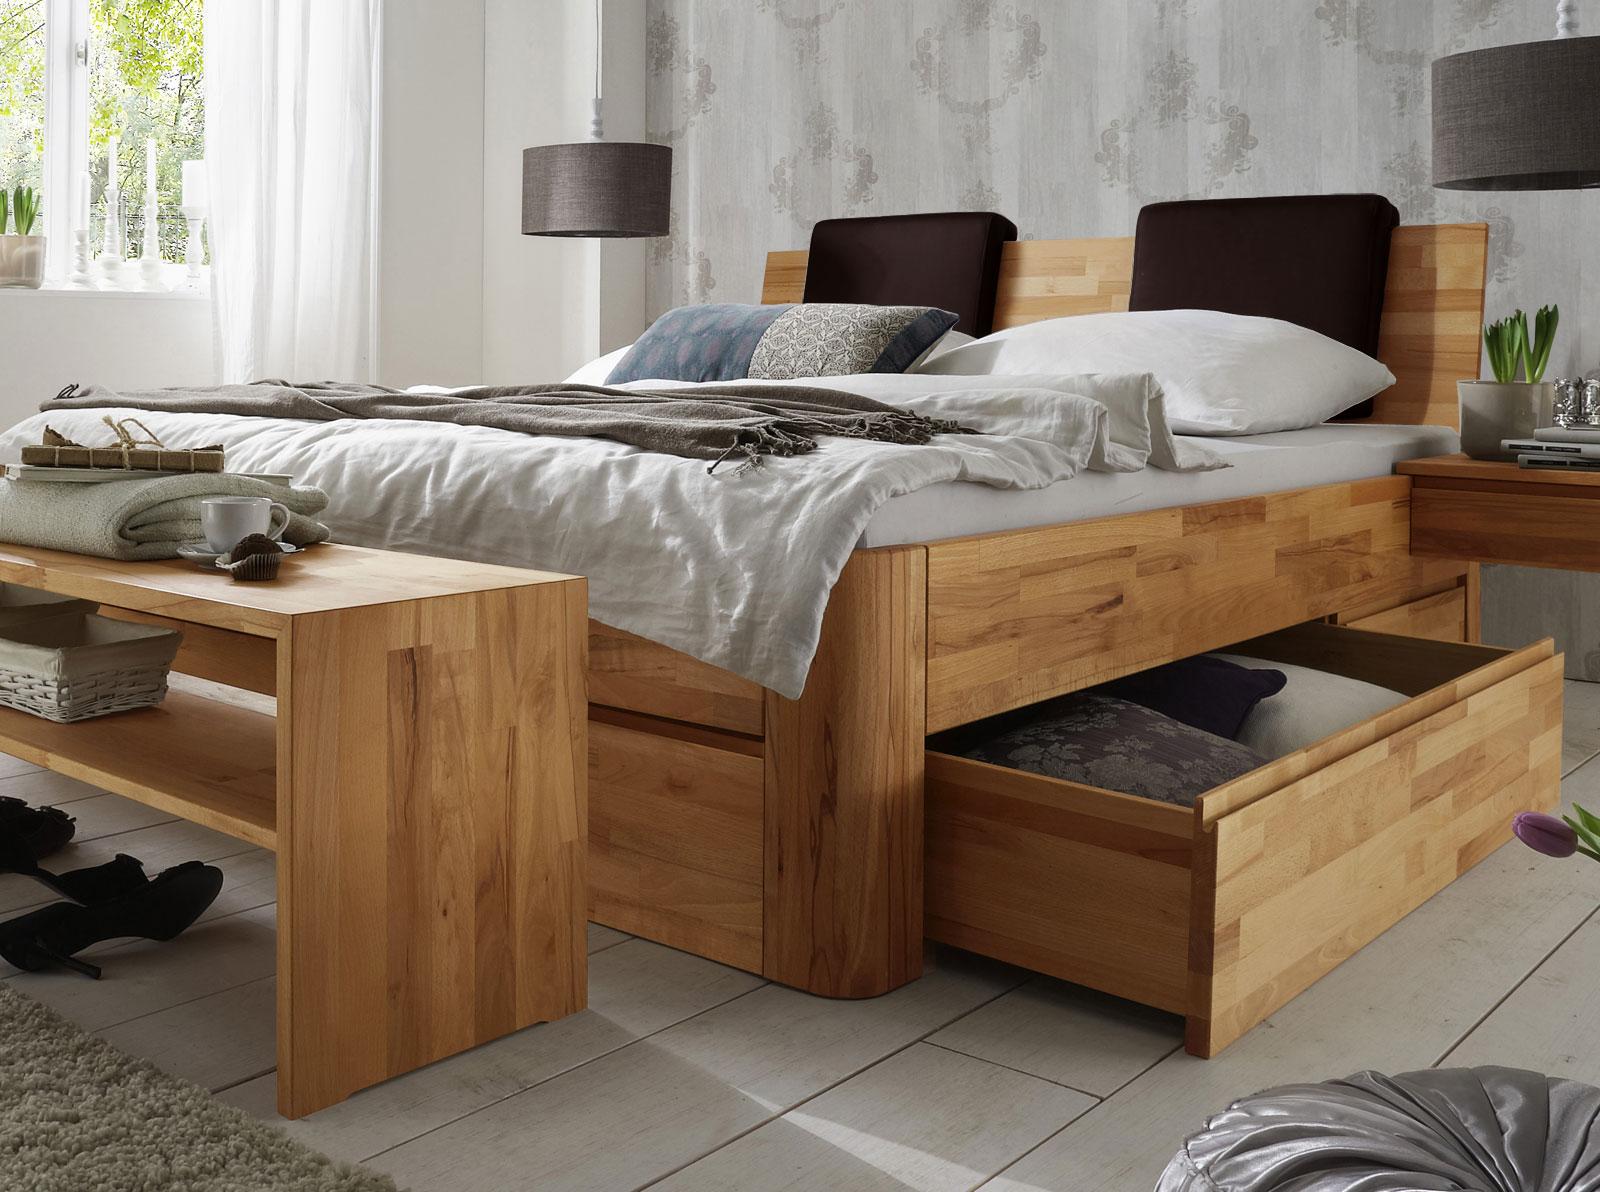 Full Size of Stauraum Bett 200x200 Betten Mnchen 160x220 Clinique Even Better Weiß Komforthöhe Mit Bettkasten Wohnzimmer Stauraumbett 200x200